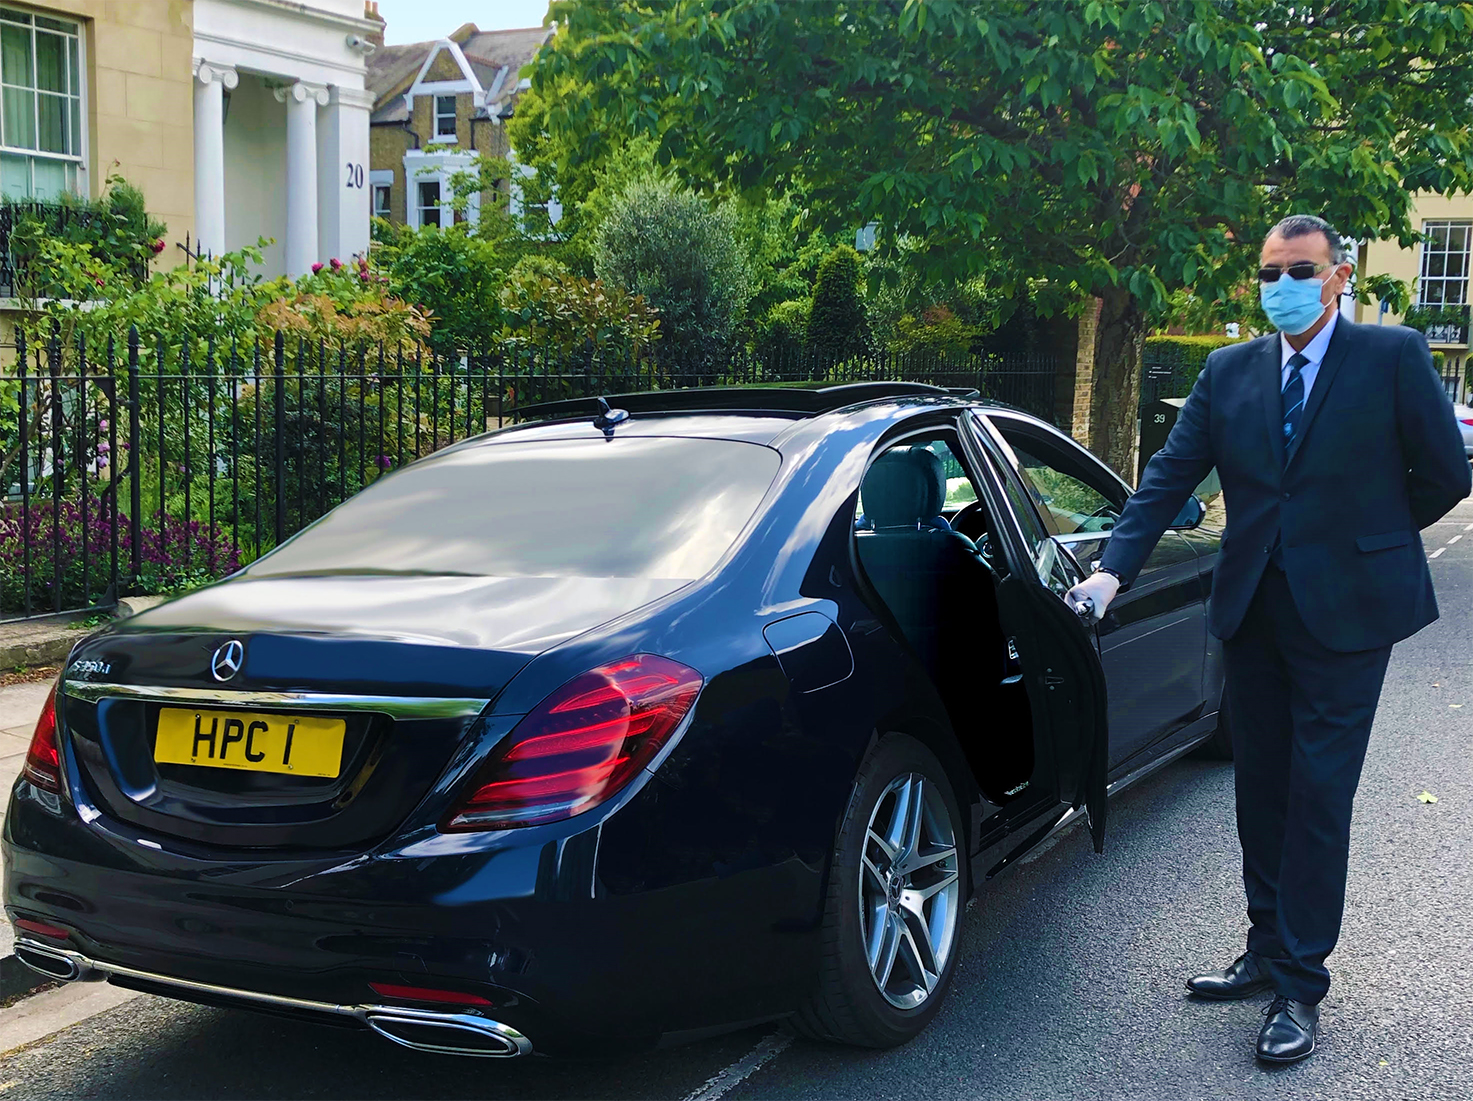 Hyde Park Cars Chauffeur service